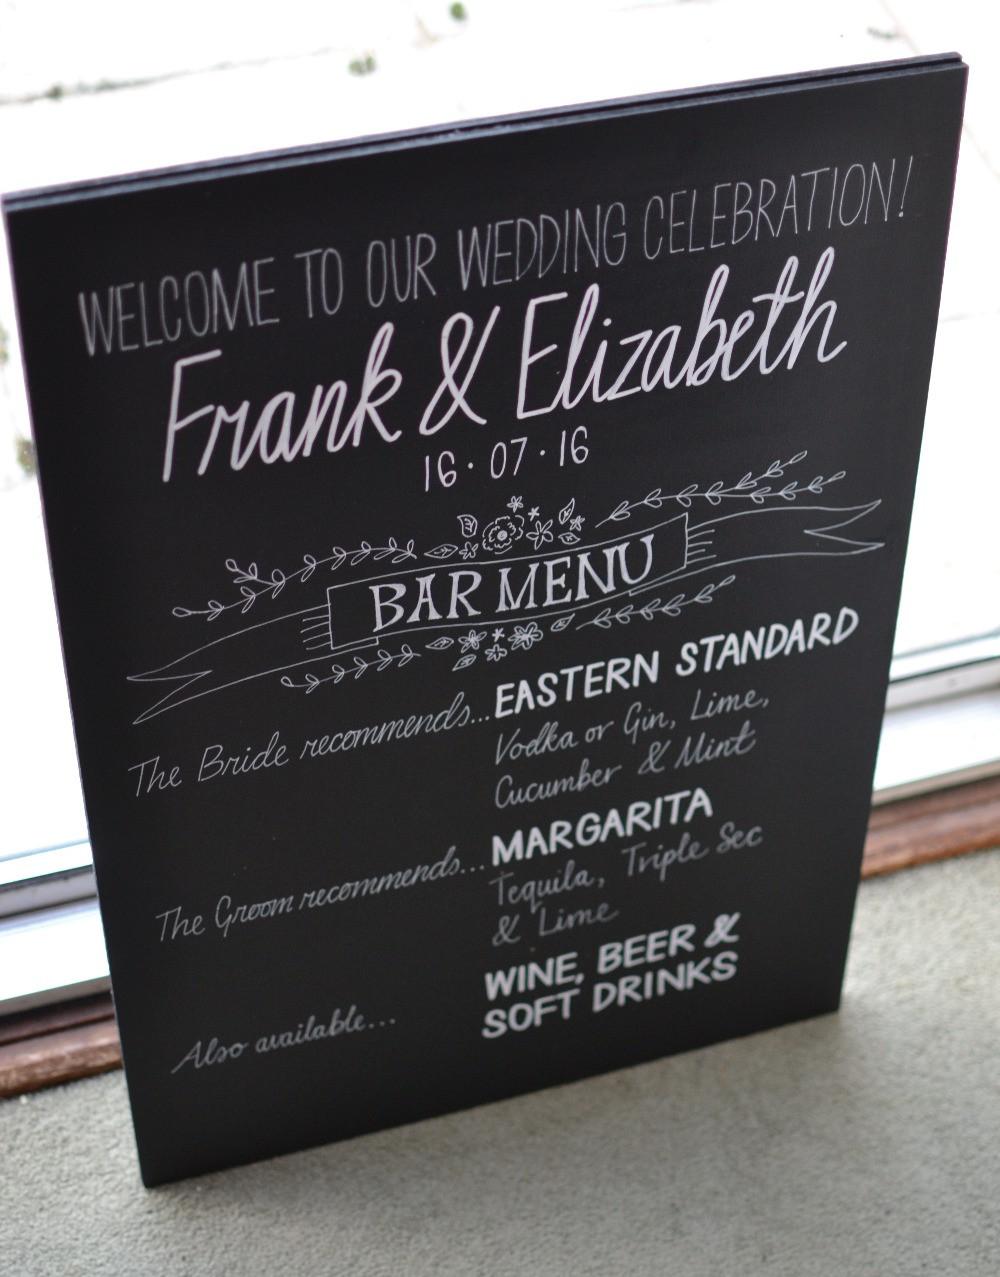 Frank & Elizabeth Wedding Chalkboards - July 2016 (21)_edited